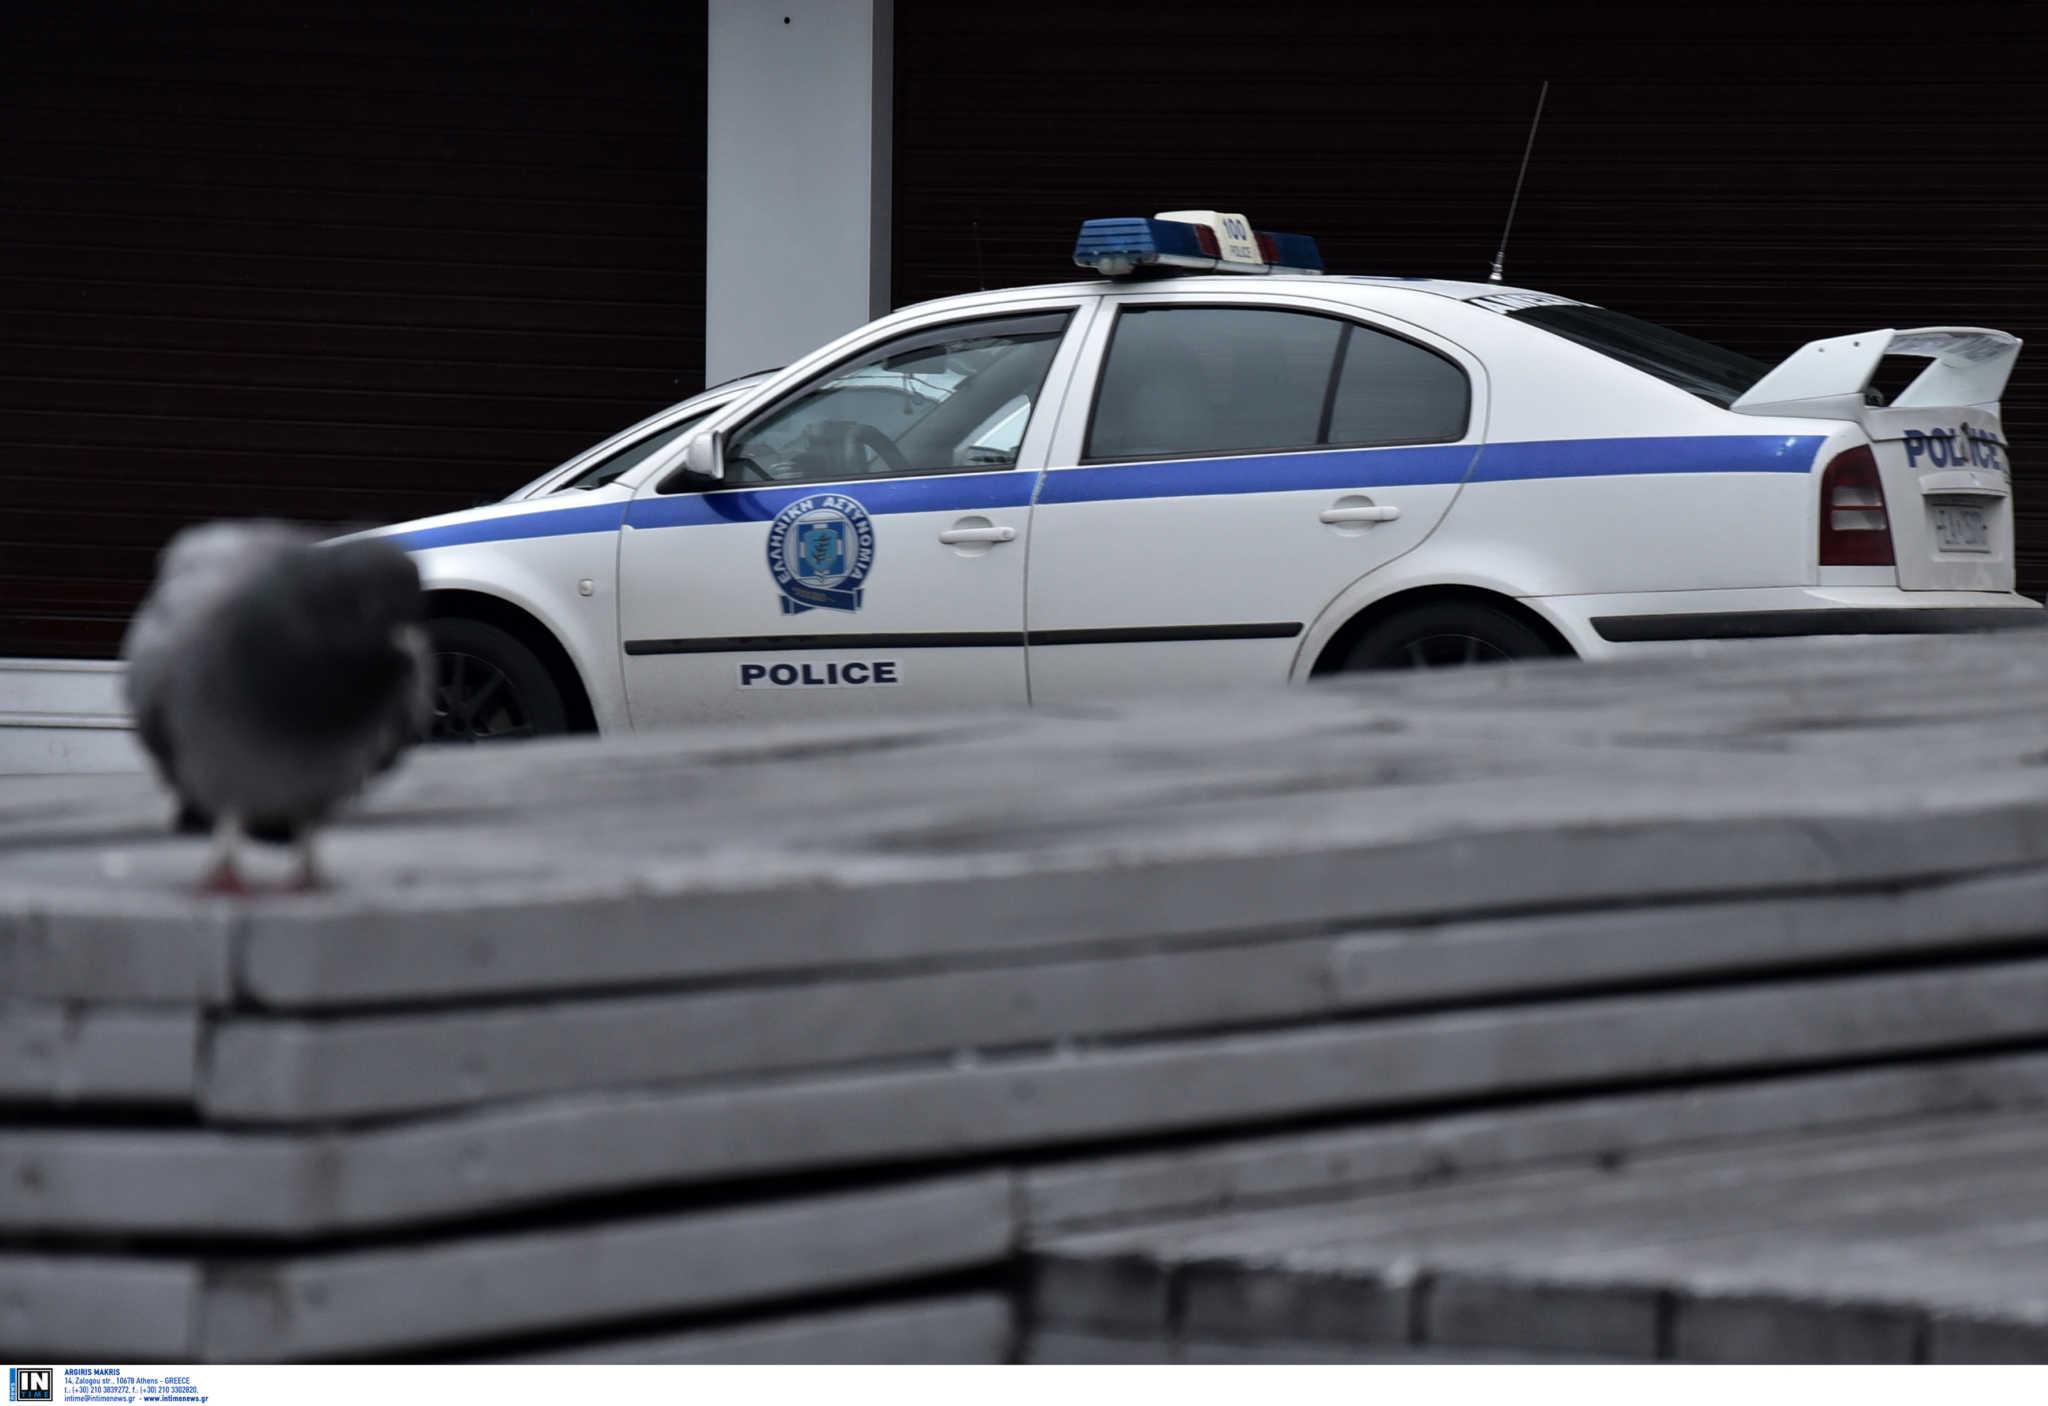 Συνελήφθη 37χρονος στον Αλιμο για κατοχή και διακίνηση ναρκωτικών